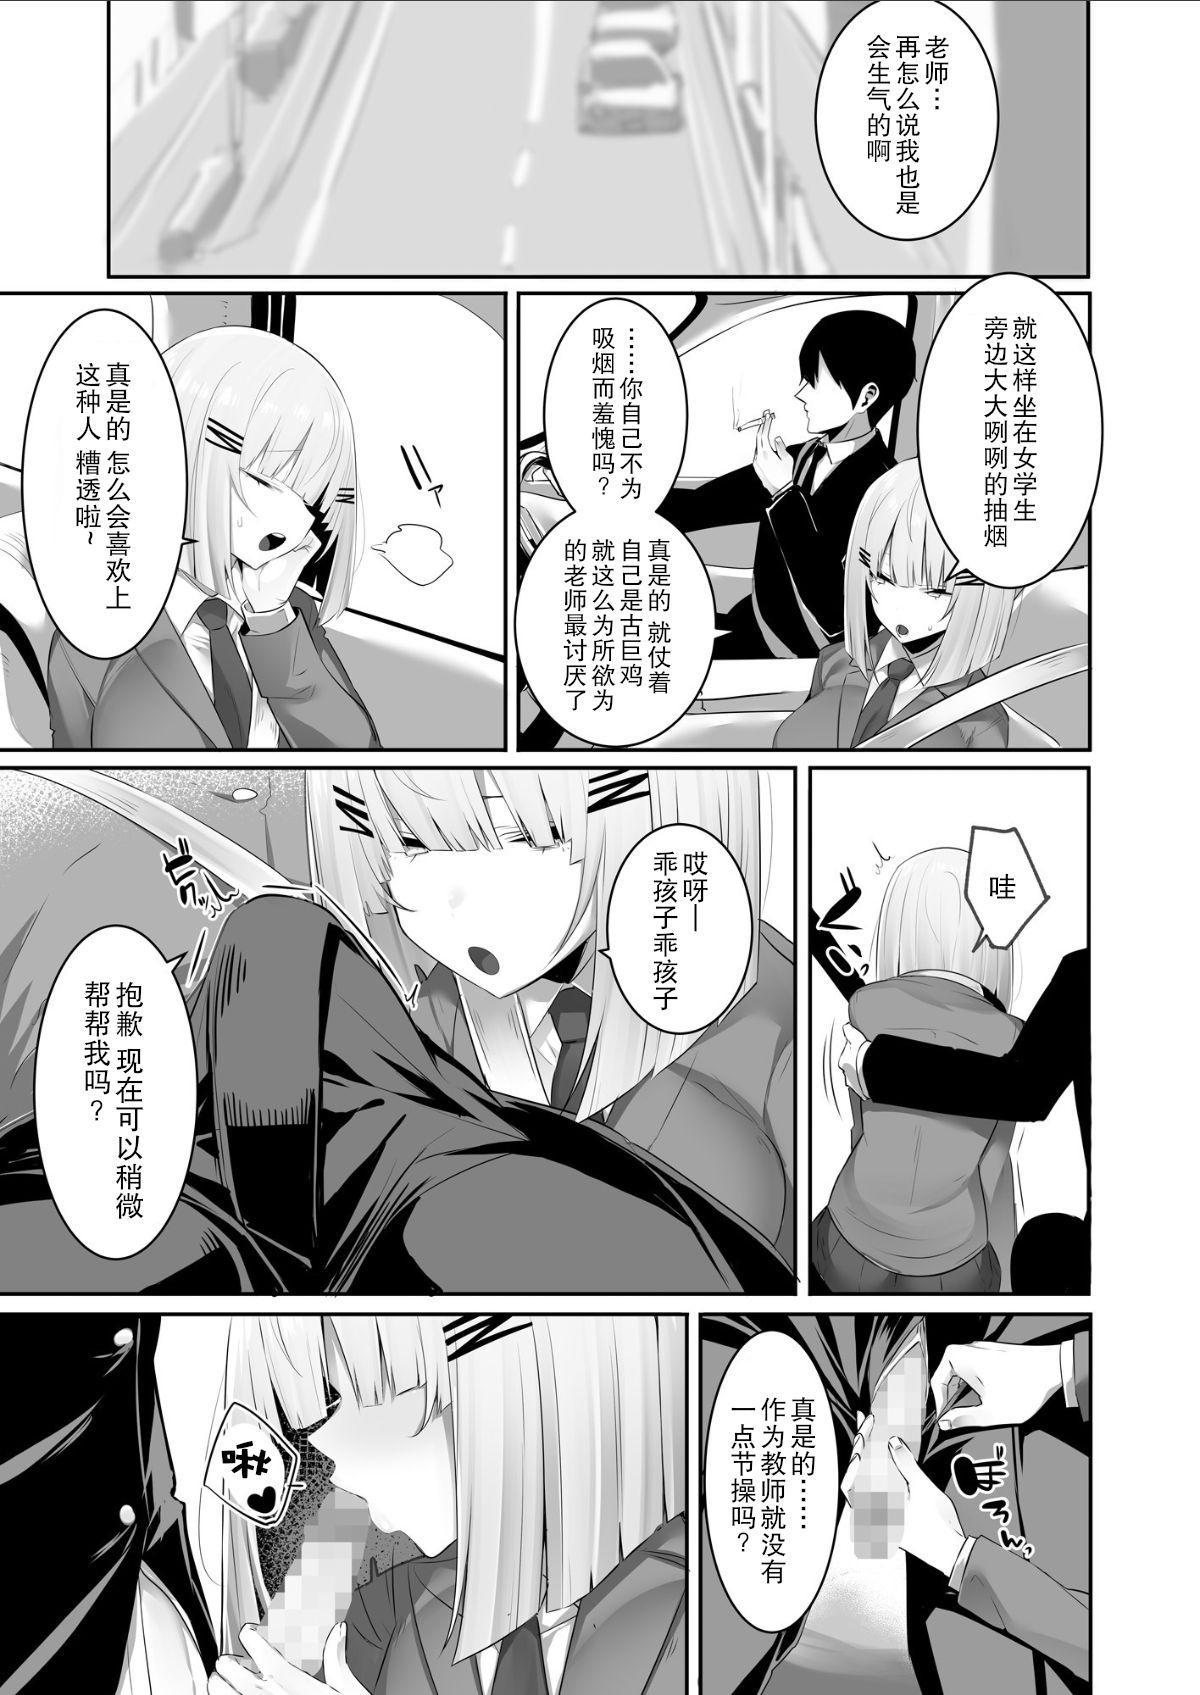 [Ofuton de Suyaa (Mitsudoue)] Onsei Keishiki de Oshiego to Amaama Ecchi[Chinese]【不可视汉化】 17